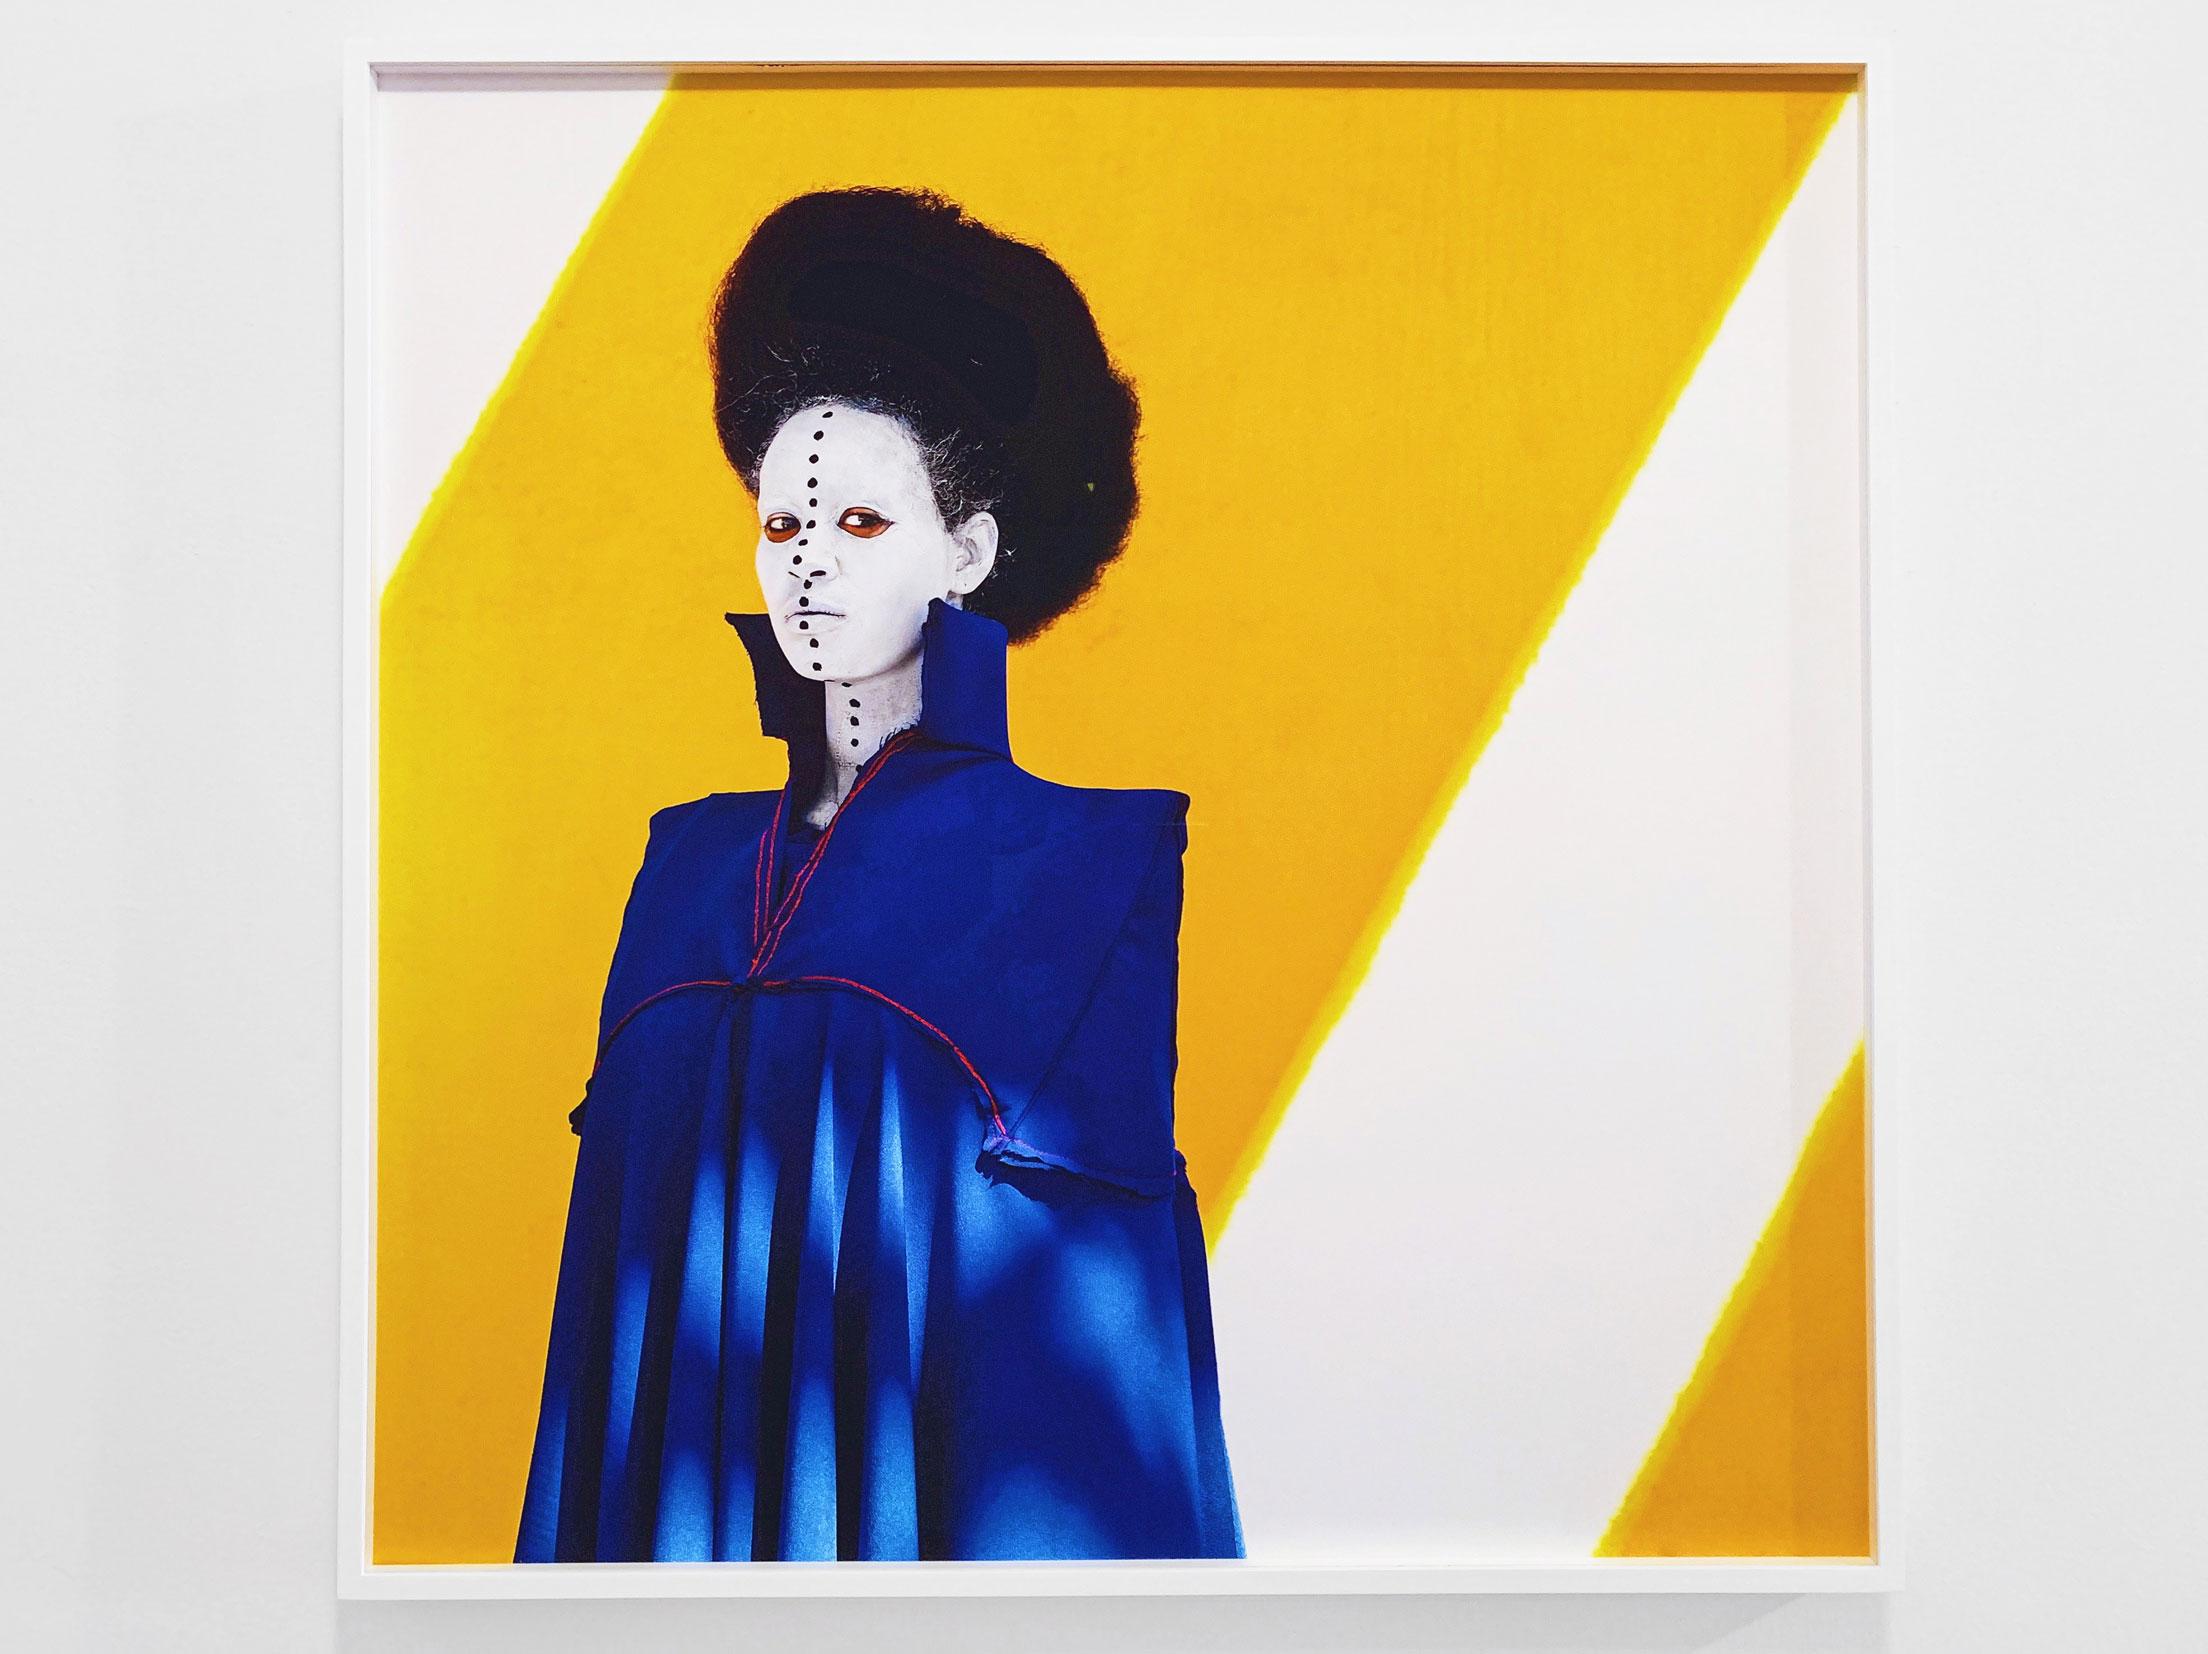 Aida Muluneh/Fragments, 2016